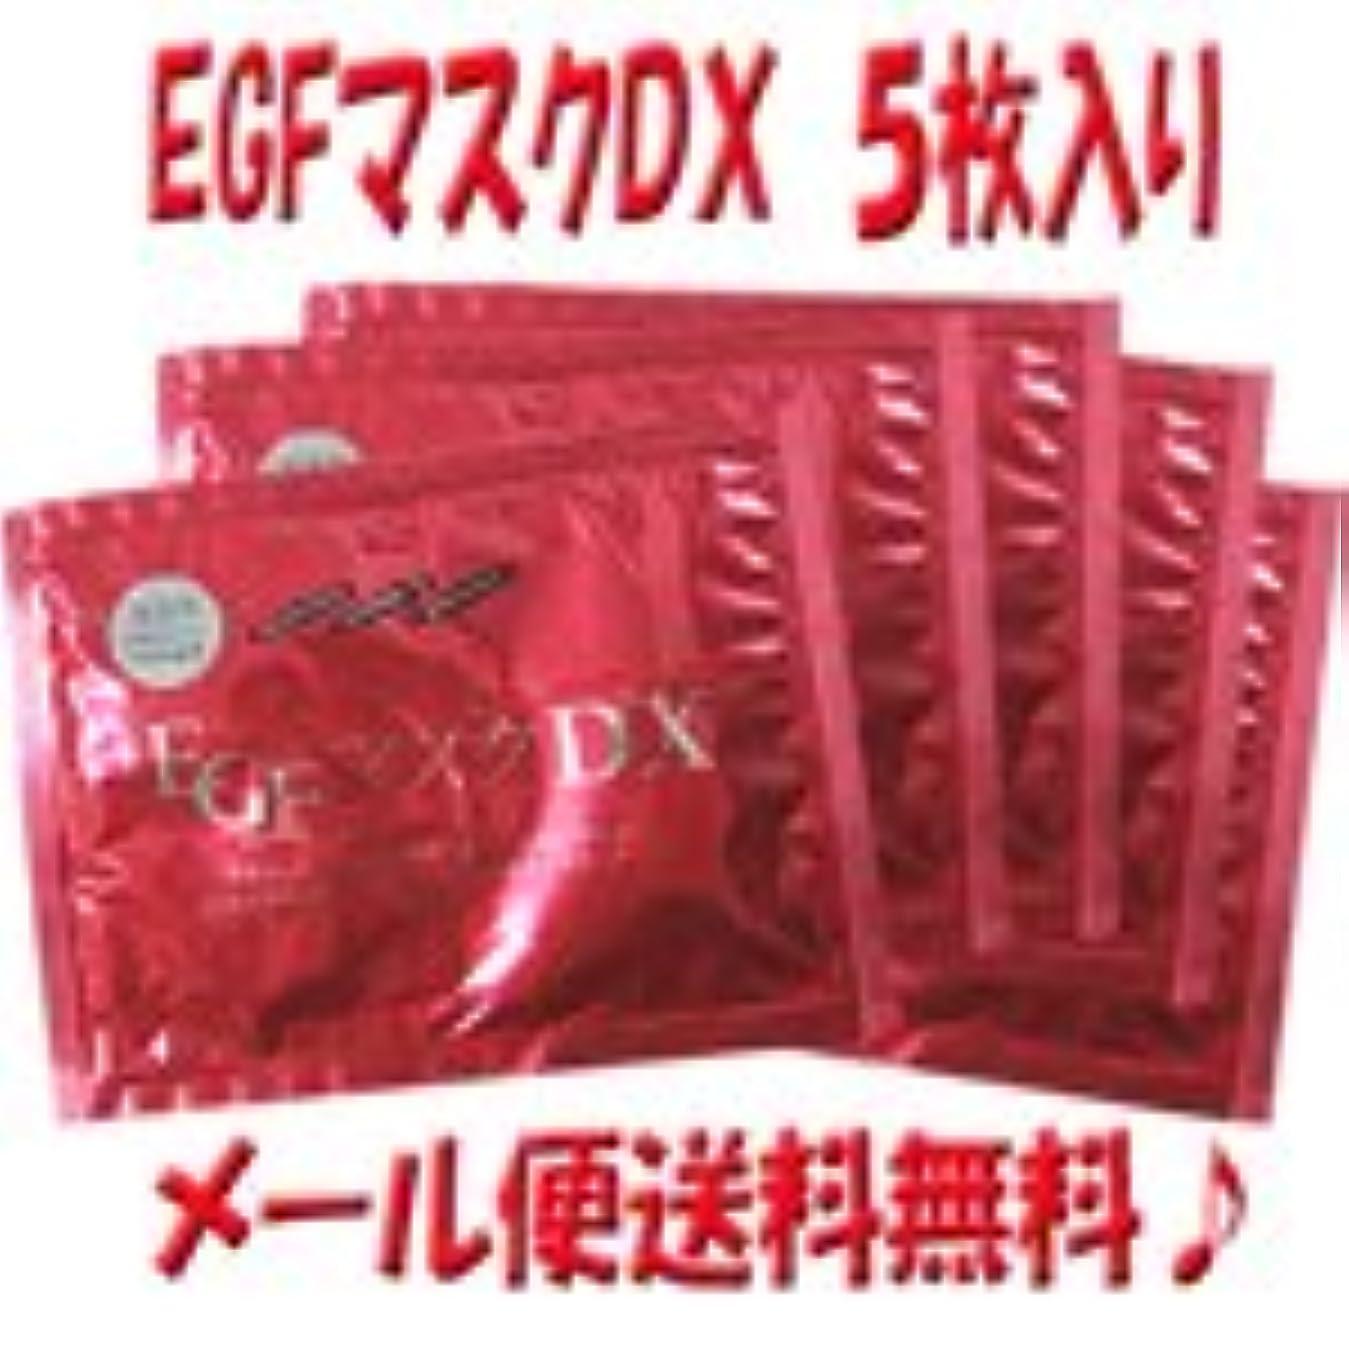 思い出す職人映画ジャパンギャルズ 業務用 EG FマスクDX 5枚入